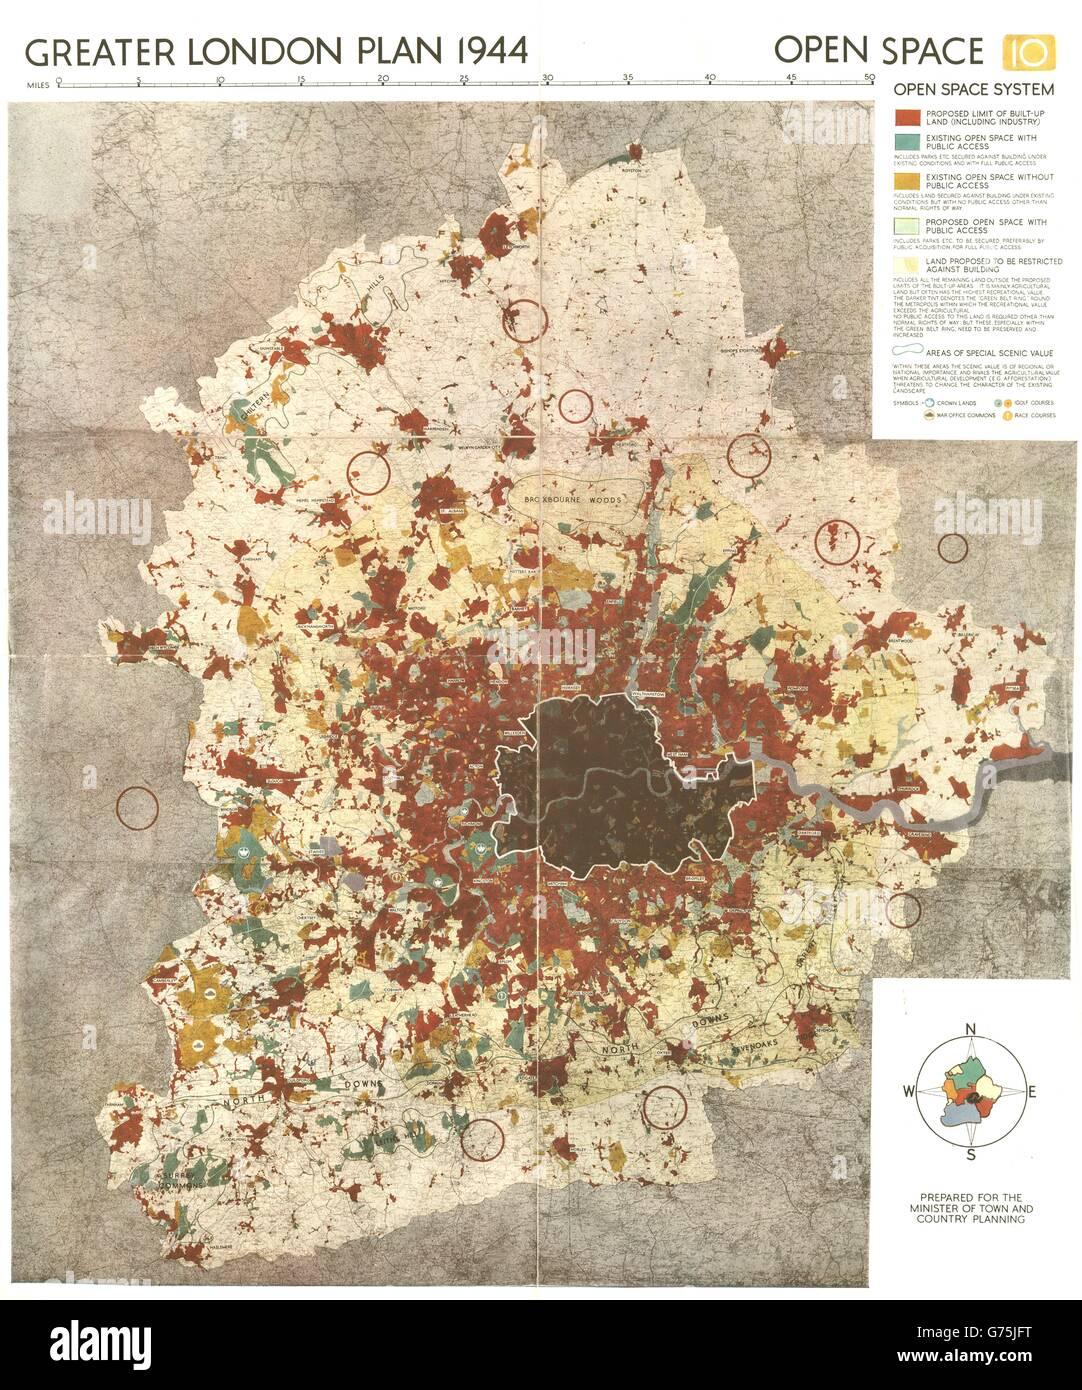 El Greater London PLAN. Sistema de espacio abierto. Cinturón Verde.  Parques. ABERCROMBIE 318891054ac0